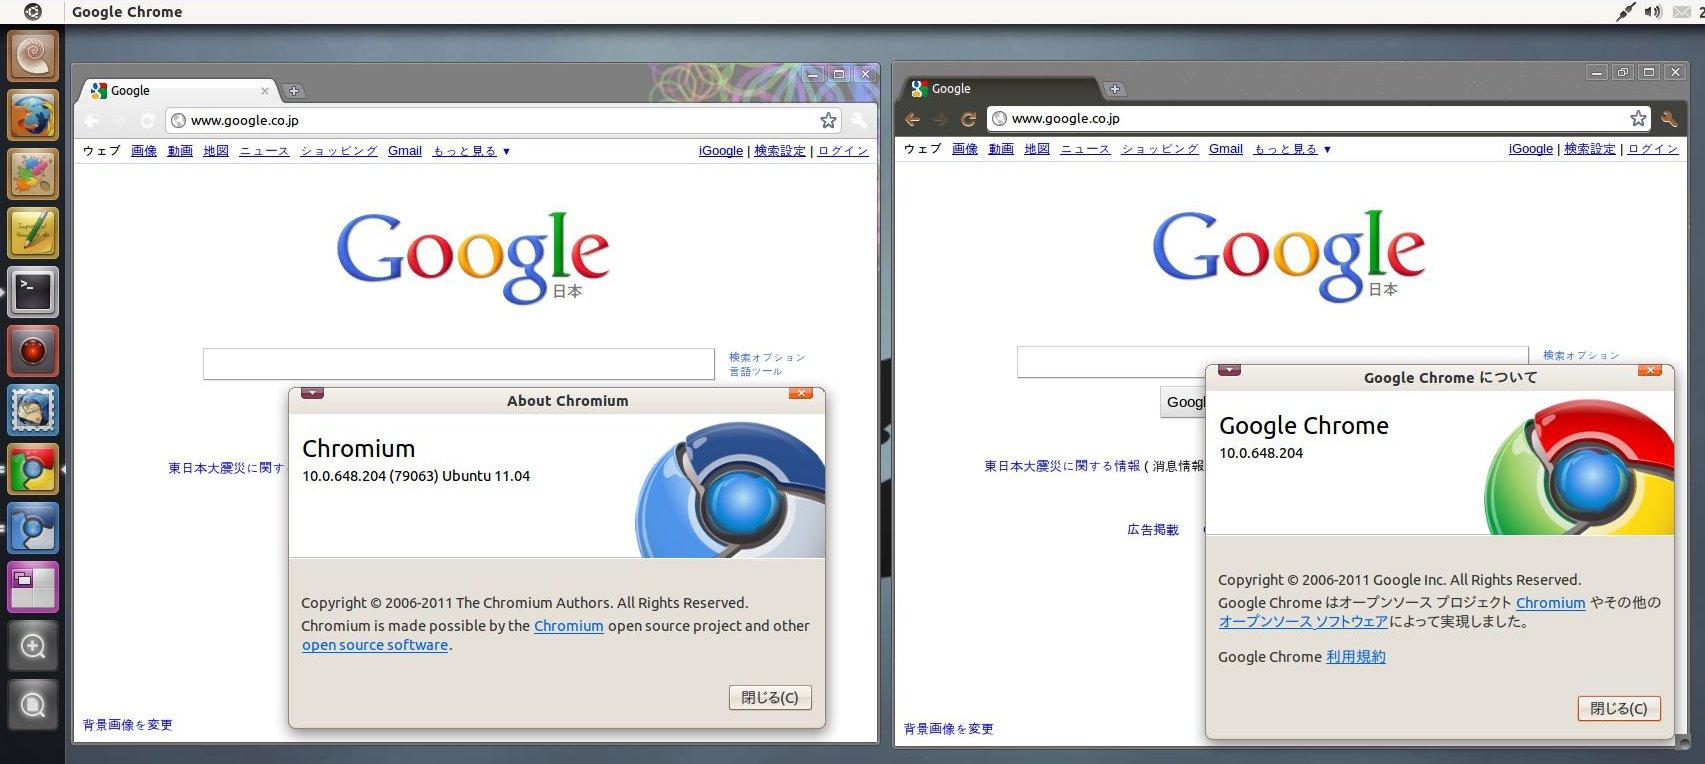 Ubuntu 11 04】Google Chrome & Chromium ブラウザ (10 0 648